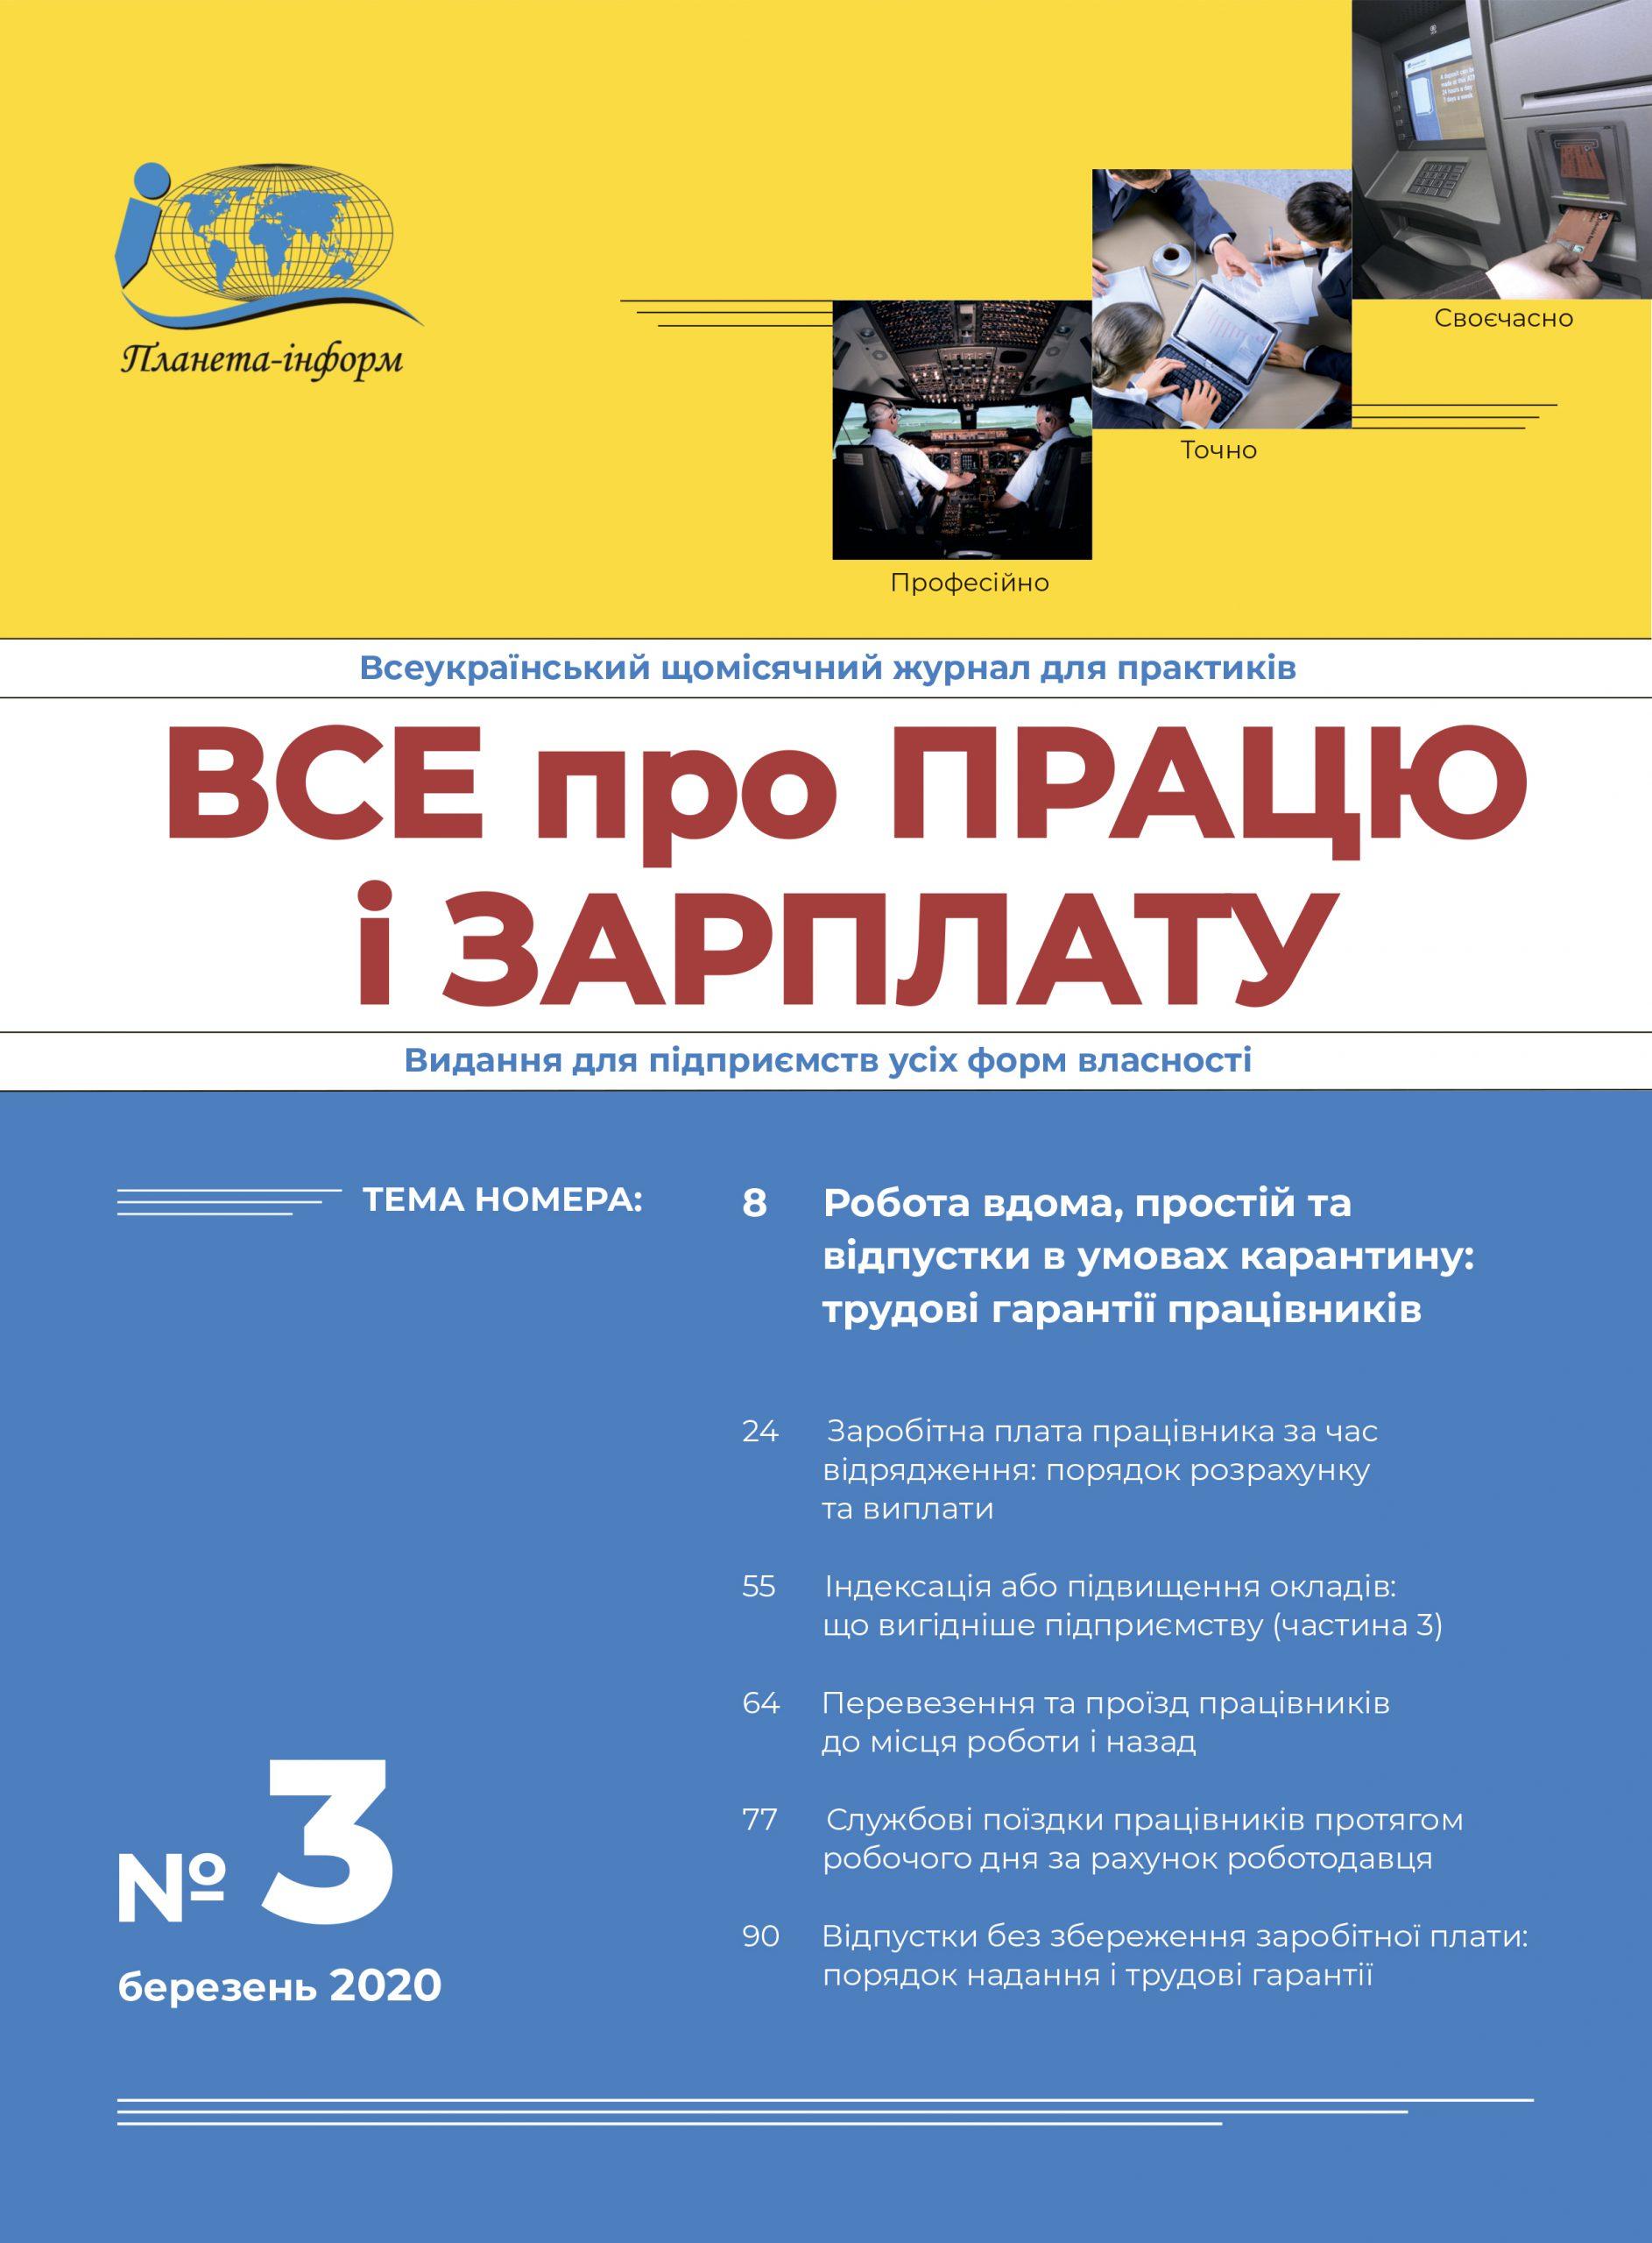 Журнал «Все про працю і зарплату» № 3/2020